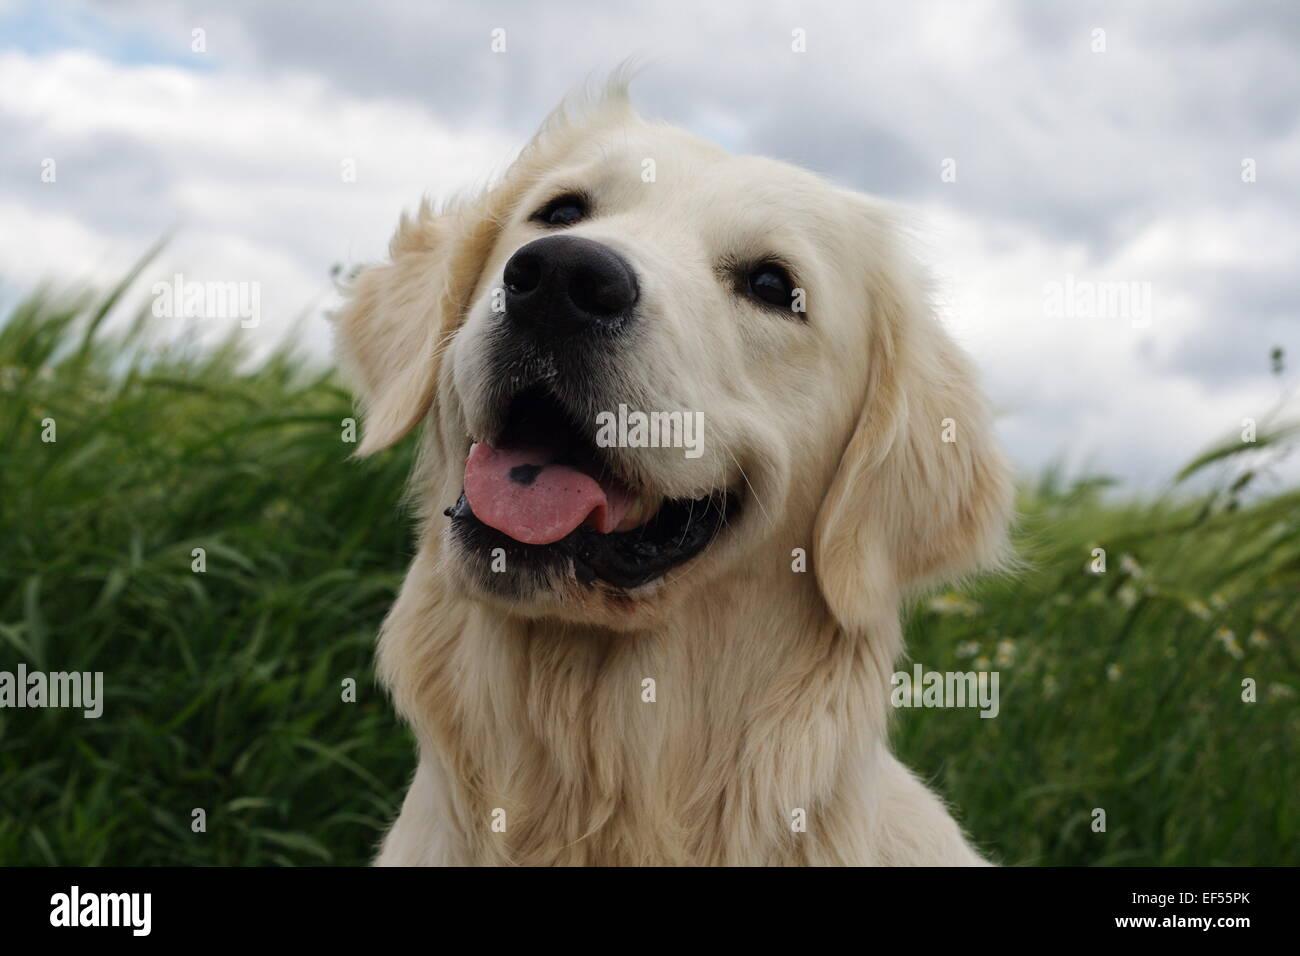 Golden Retriever Rüde 14 Monate Porträt vor einem gruenen Gerstenfeld mit wolkenverhangenem Himmel - Stock Image